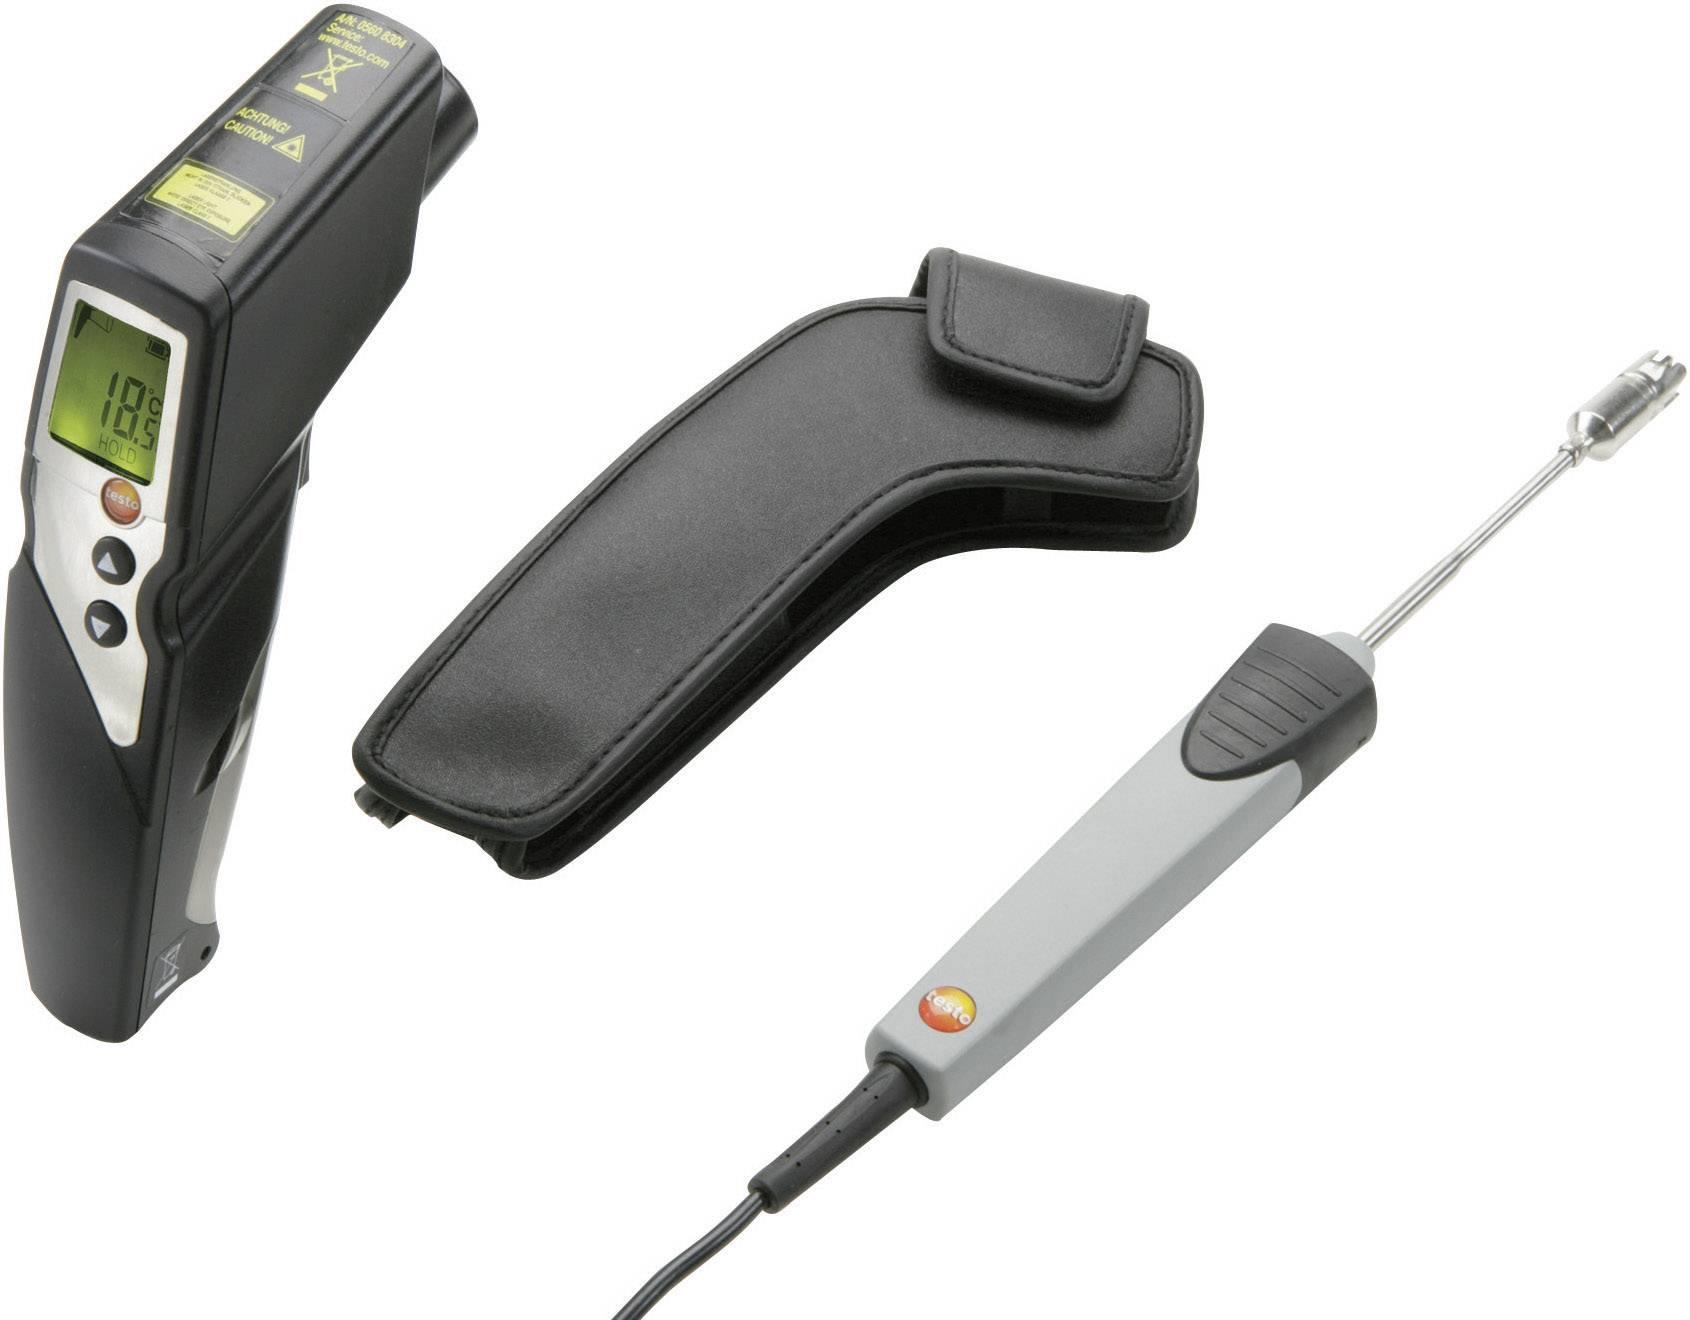 Infrarot Entfernungsmesser Kabel : Infrarot thermometer pyrometer günstig online kaufen bei conrad